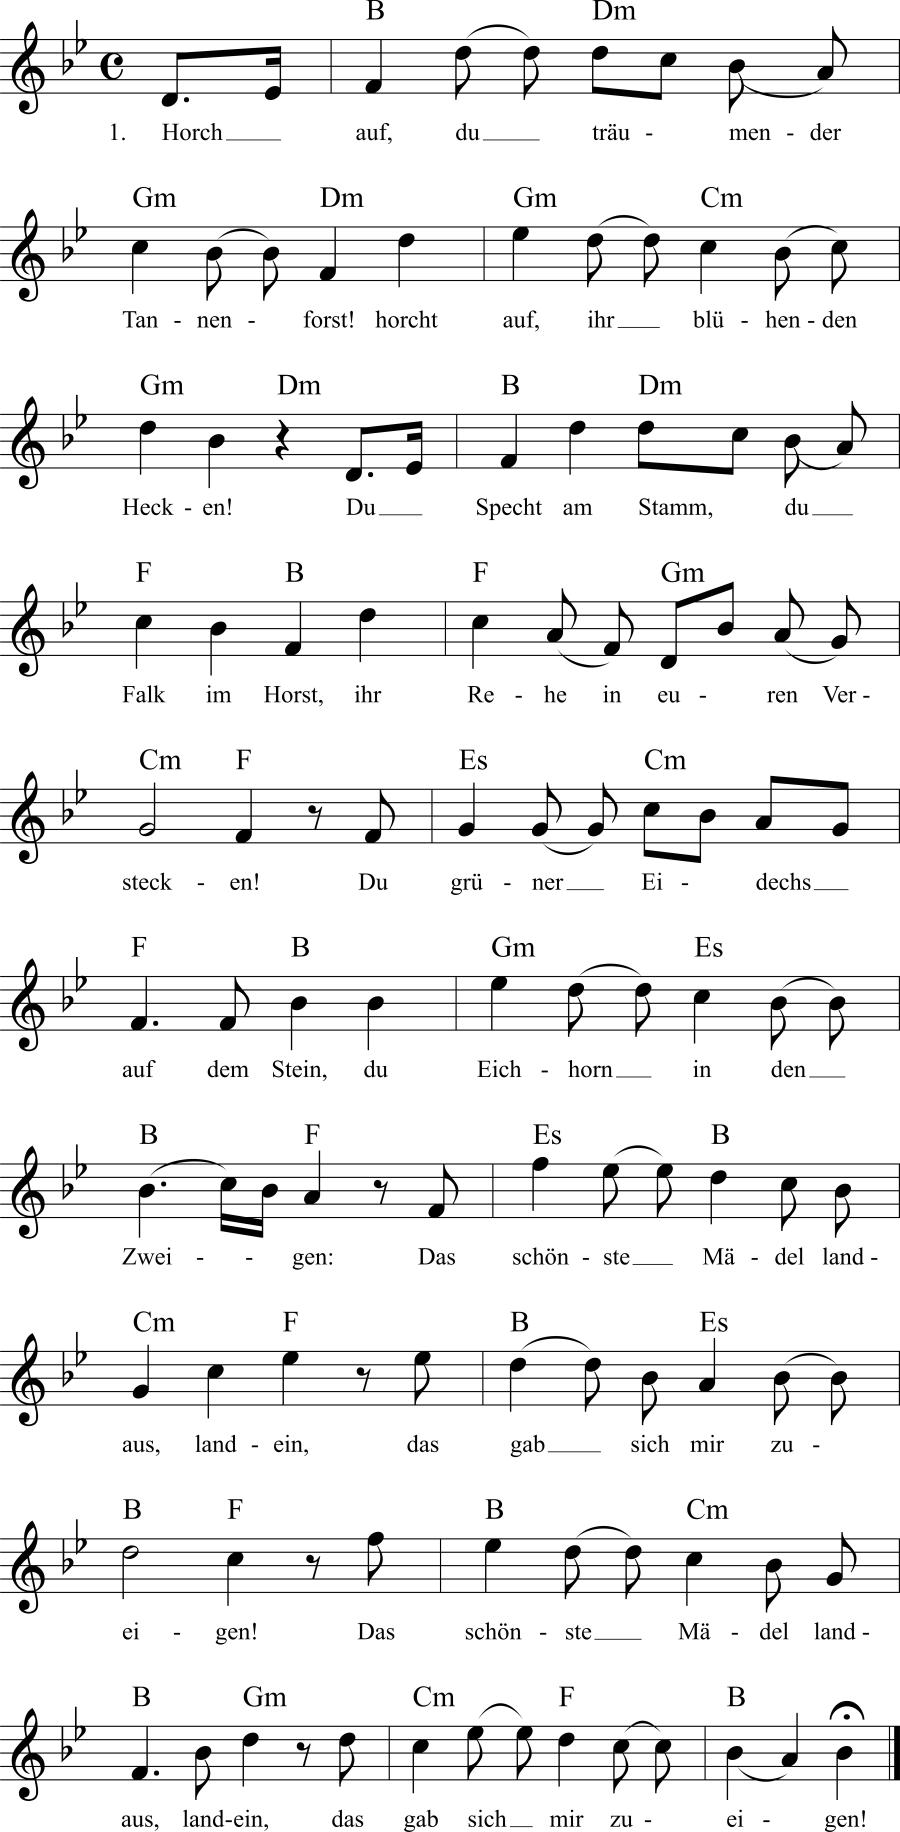 Musiknoten zum Lied Horch auf, du träumender Tannenforst